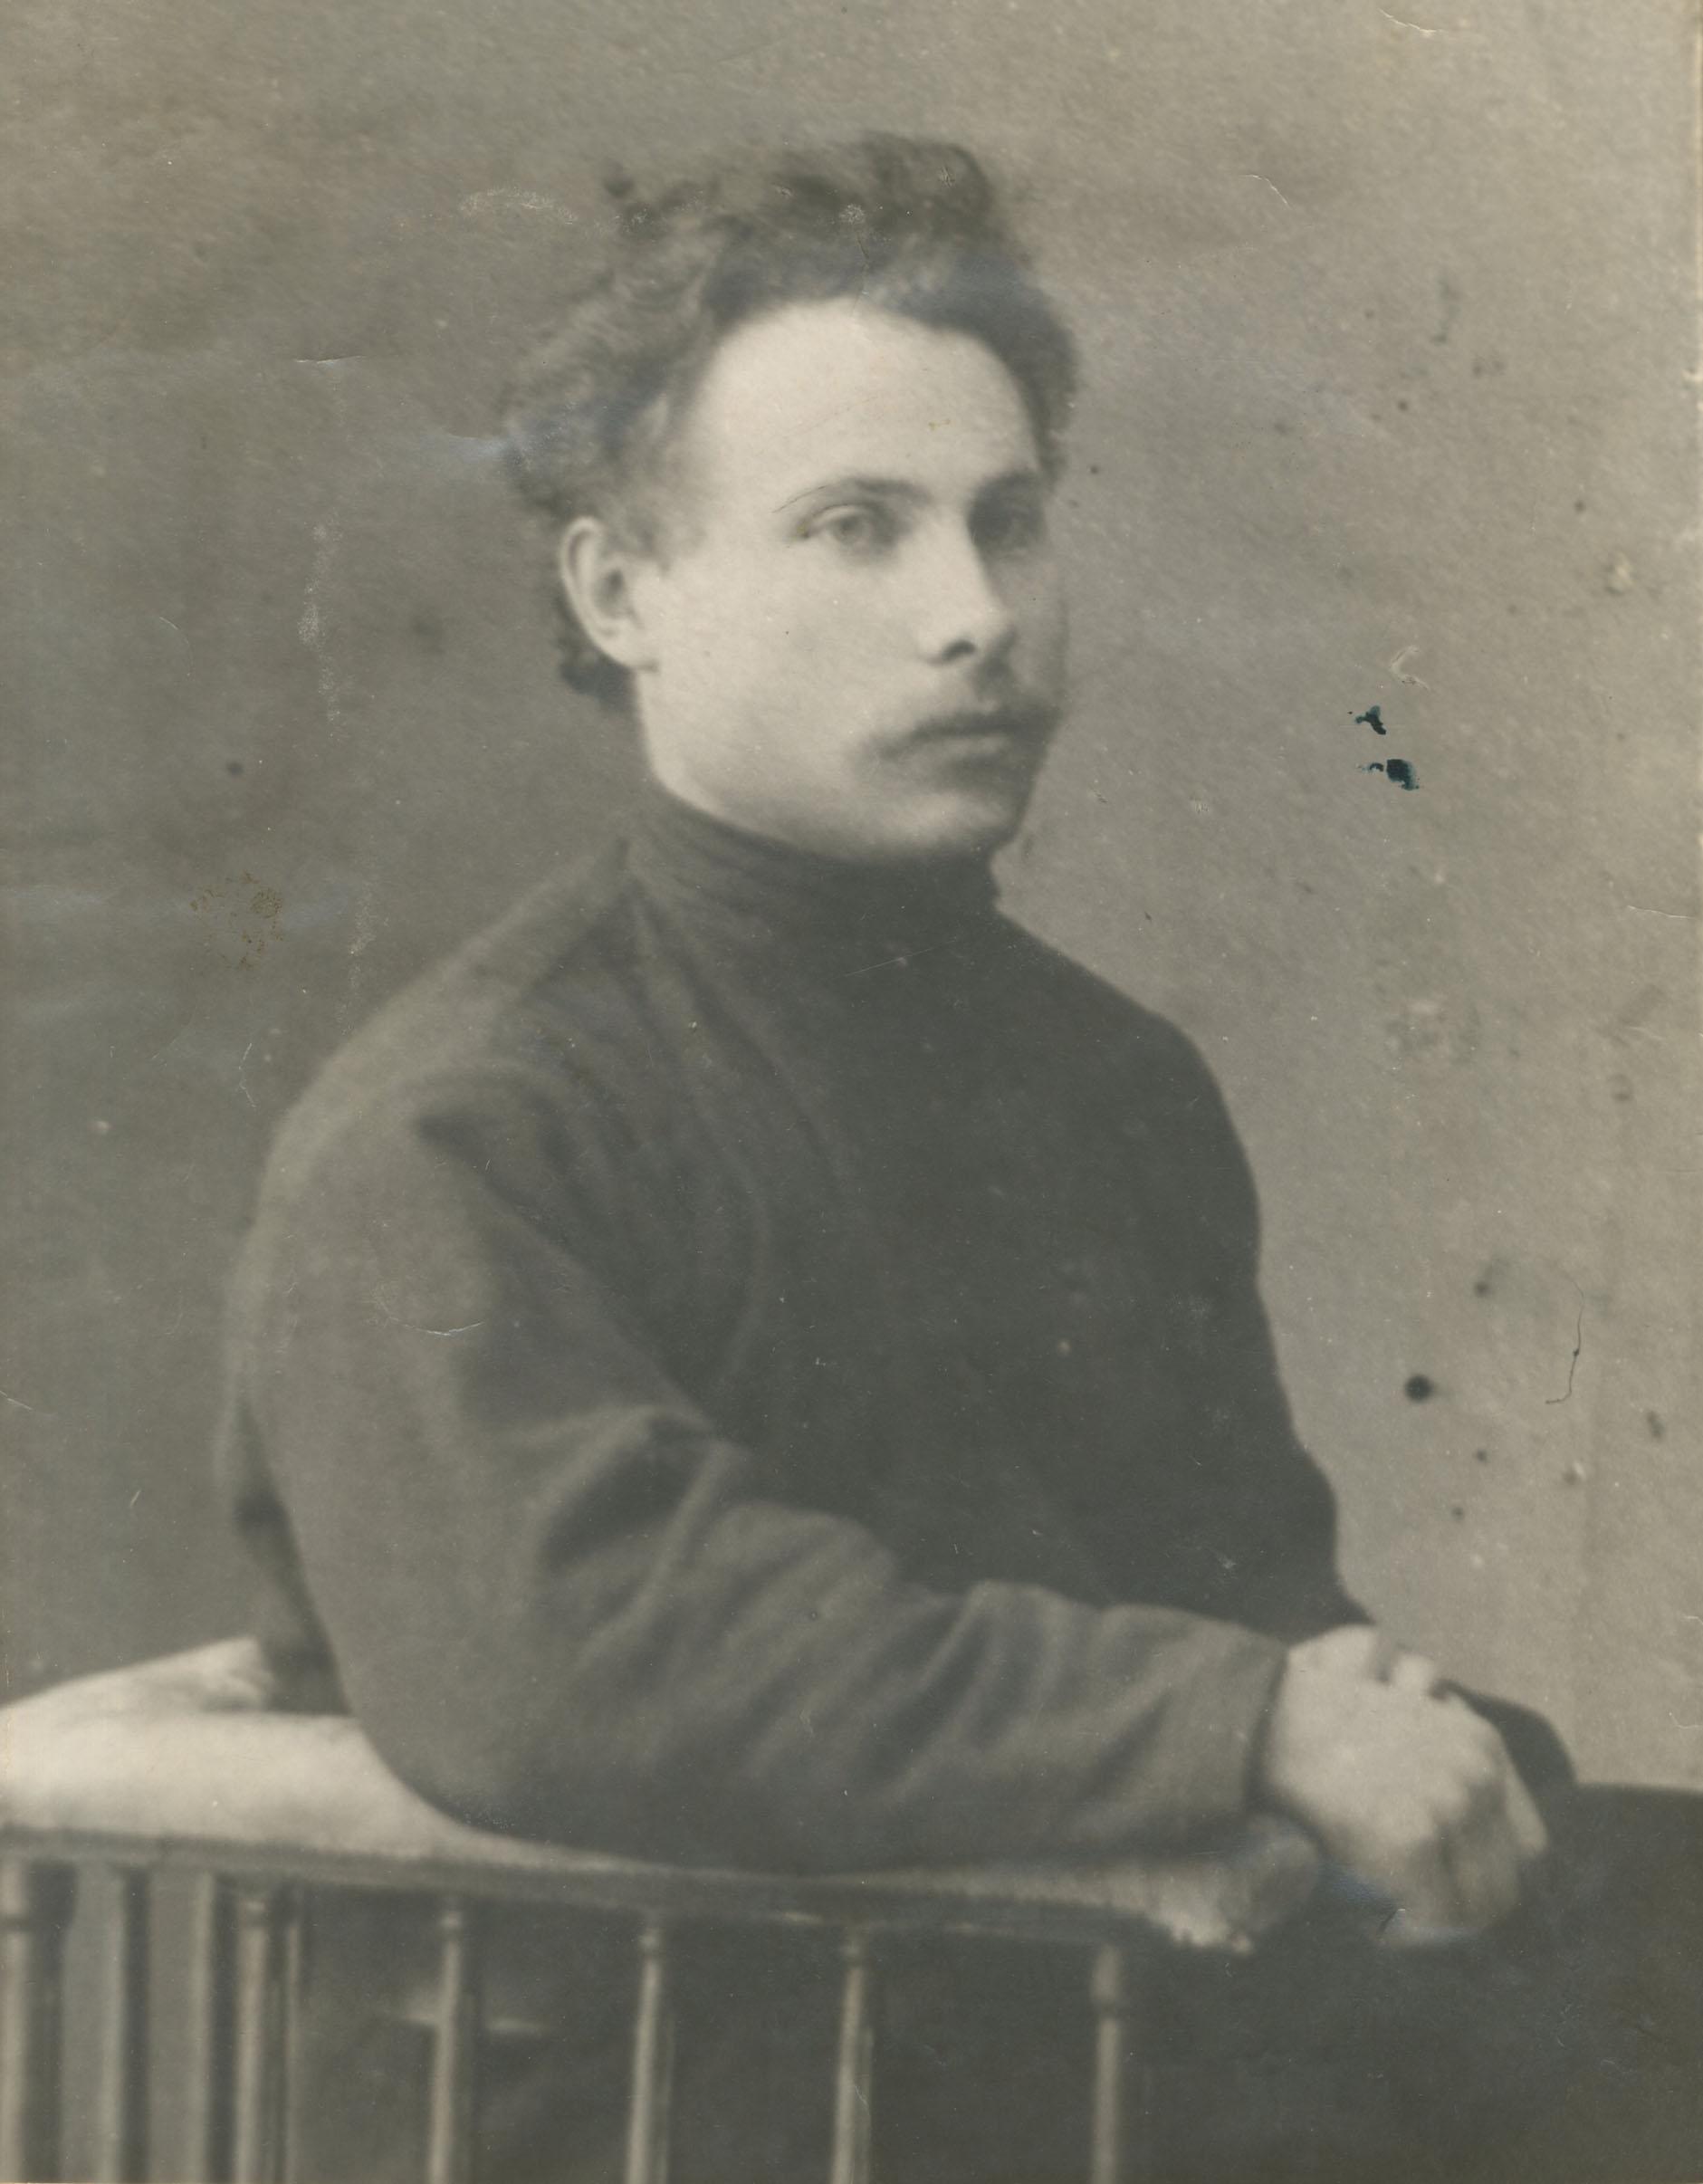 Дмитриев Разумник Николаевич (ум. 1926 г.), активный участник революции 1905 г. в Самаре, меньшевик